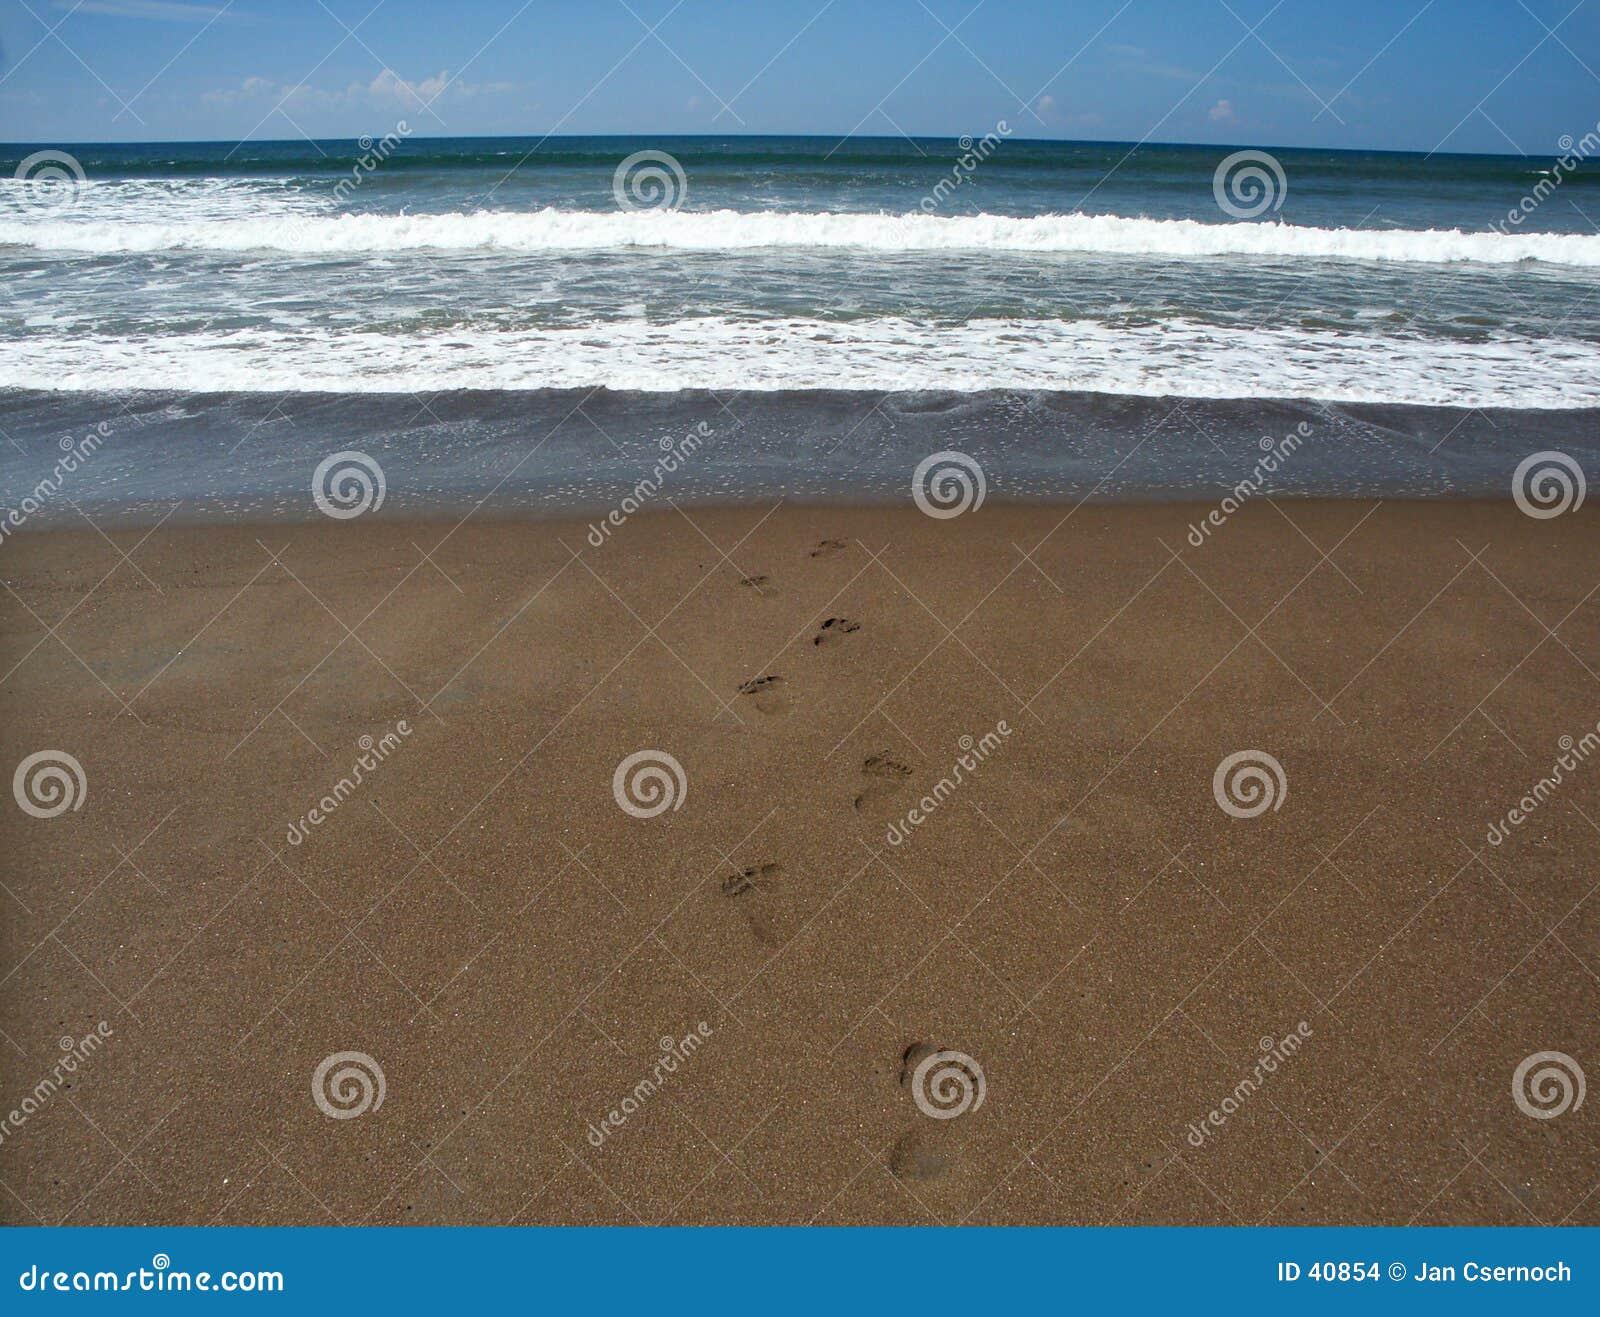 Ging want aan de oceaan zwem